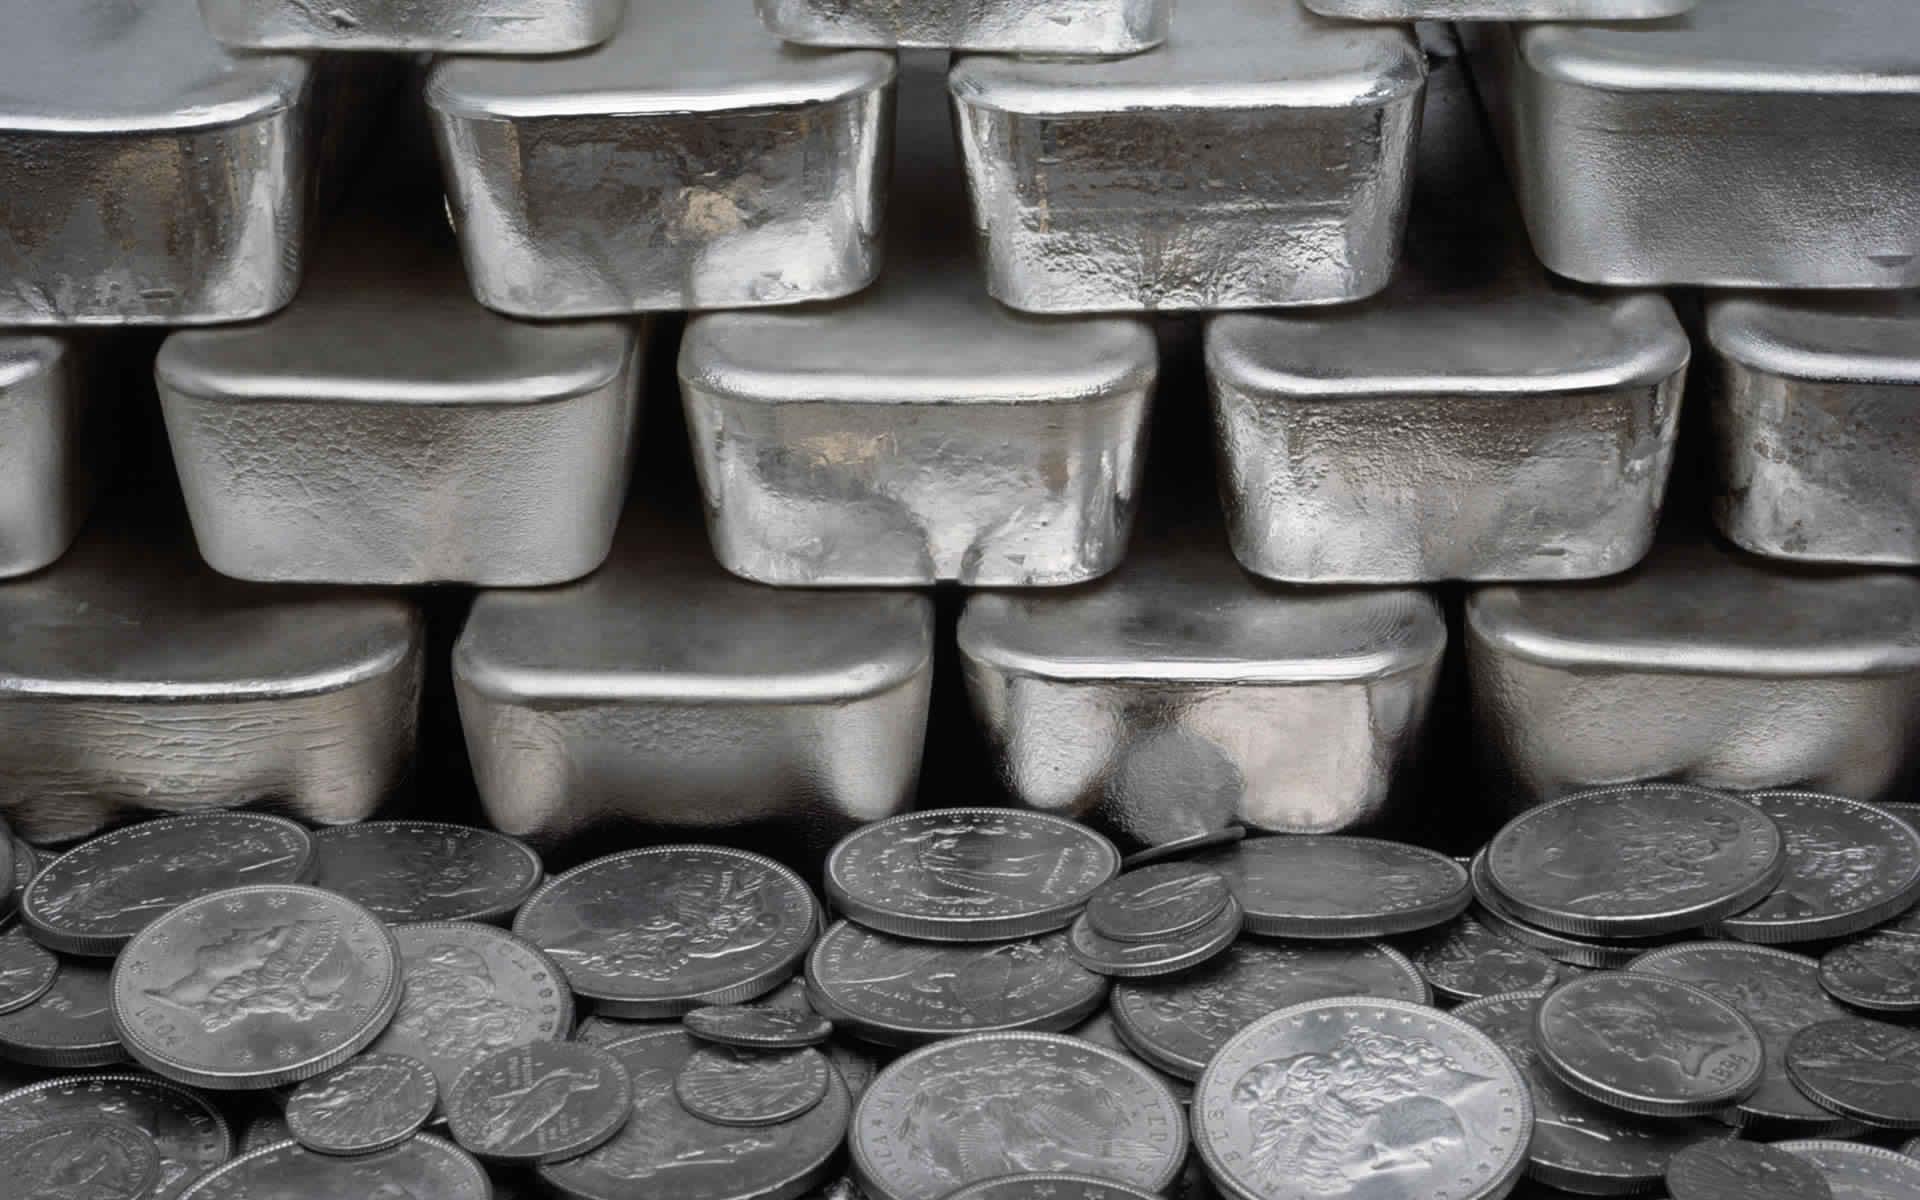 الفضة تقفز إلى مستوى 19.69 دولار فهل تتفوق مكاسبها على الذهب ؟